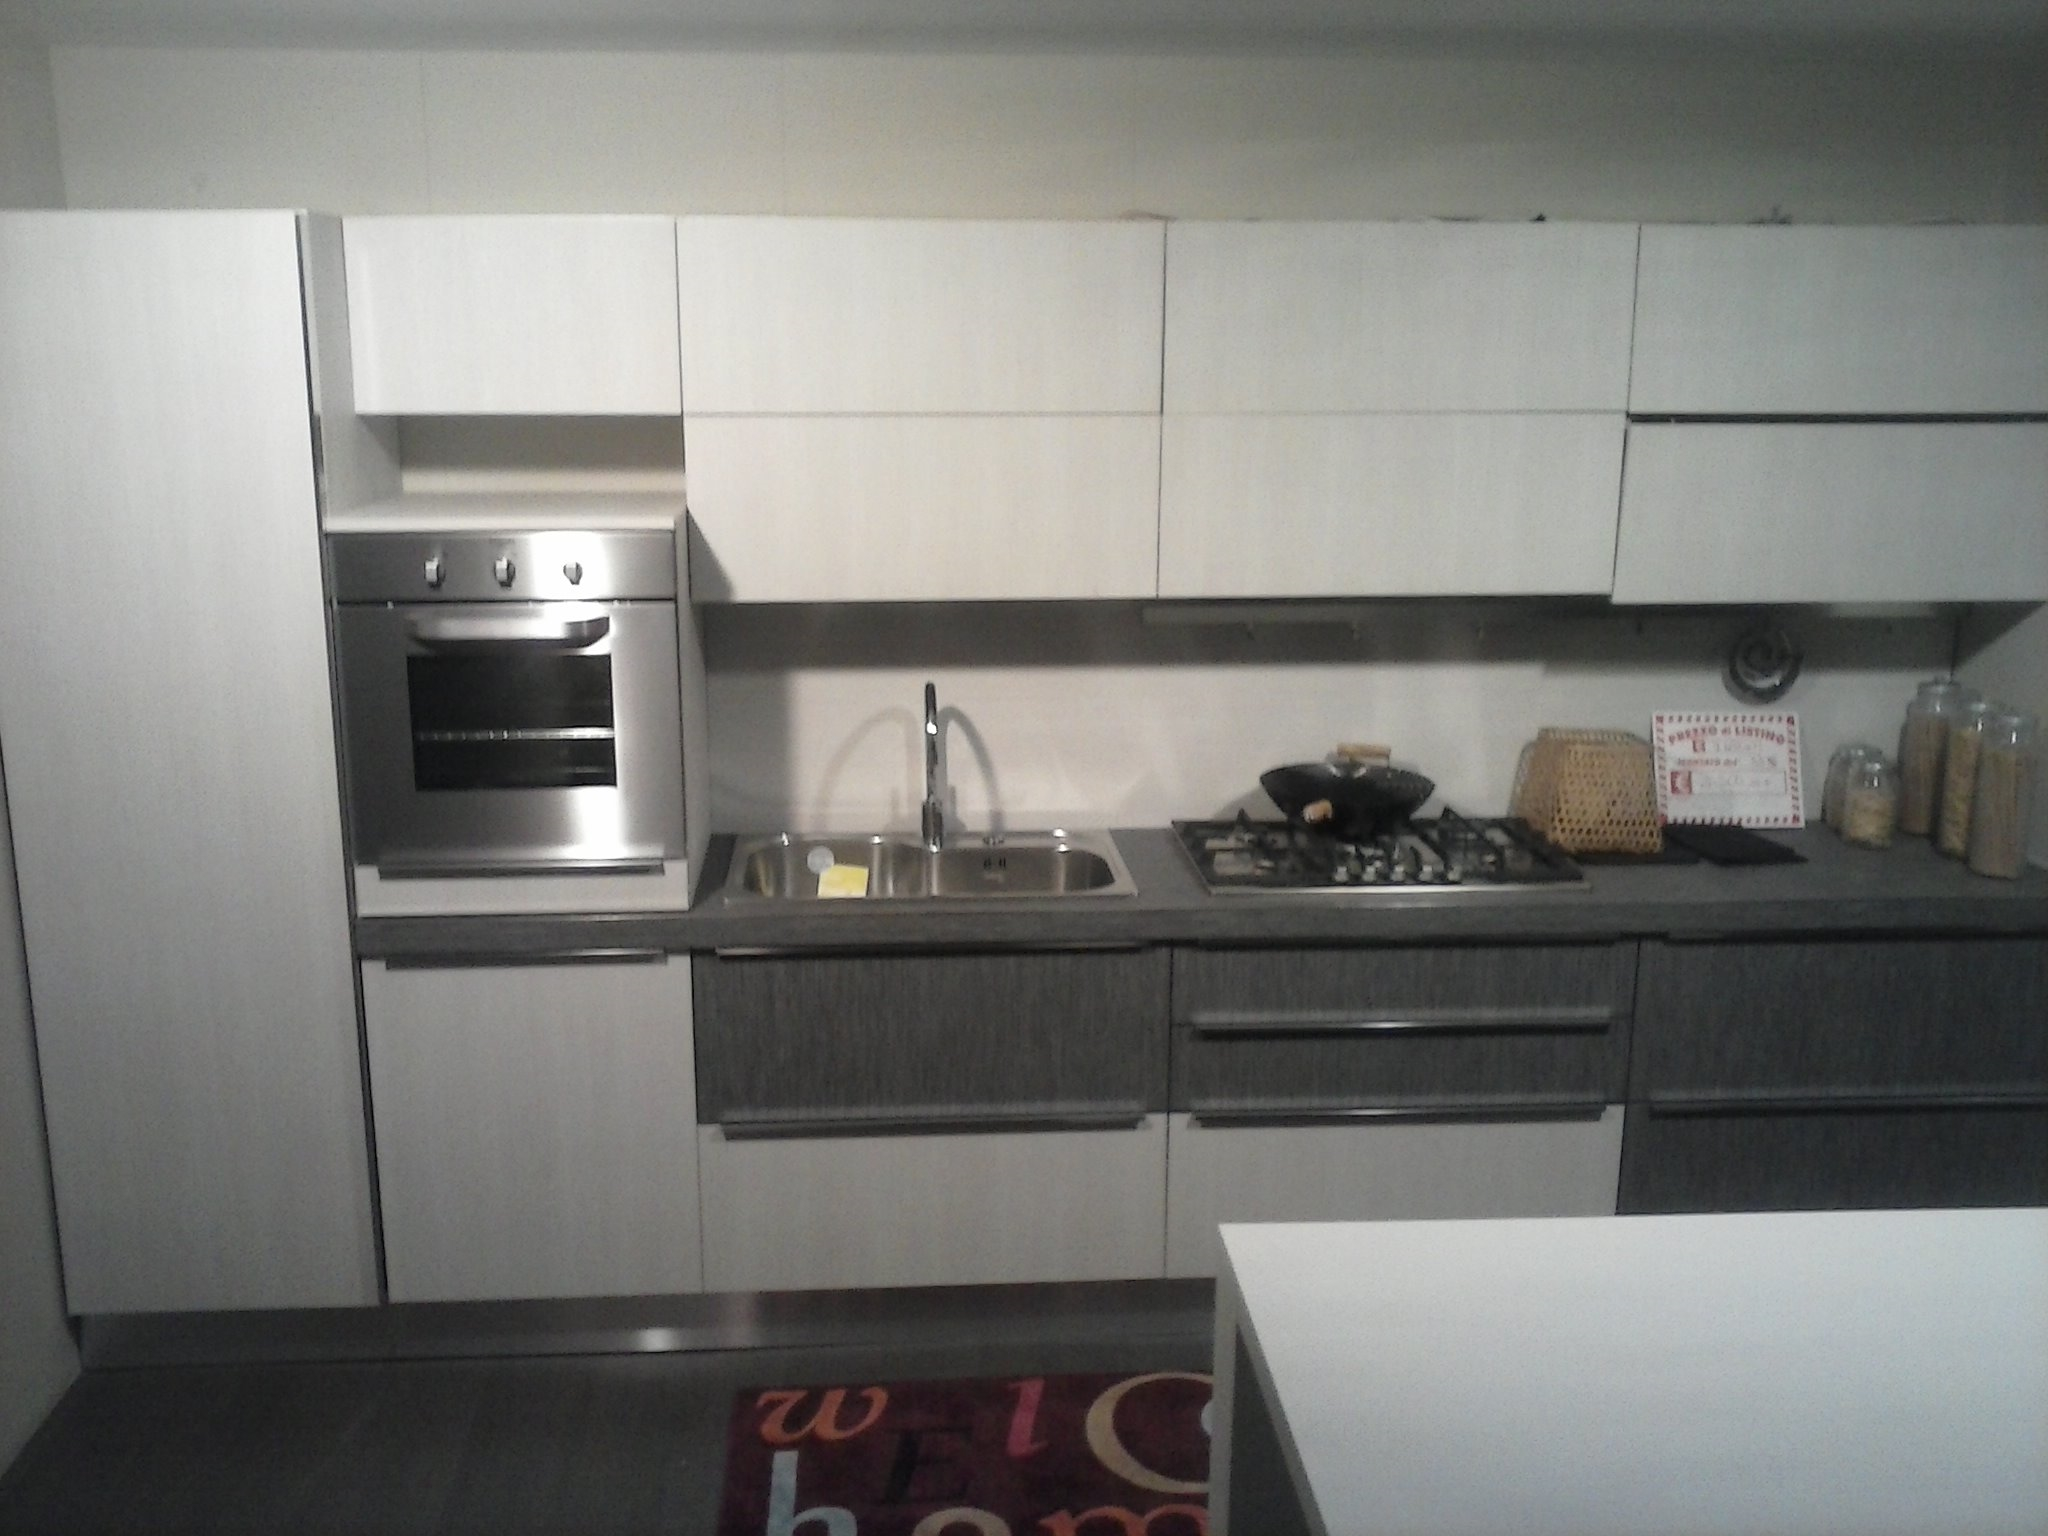 Cucina aran cucina promozione cucine a prezzi scontati - Aran cucine outlet ...